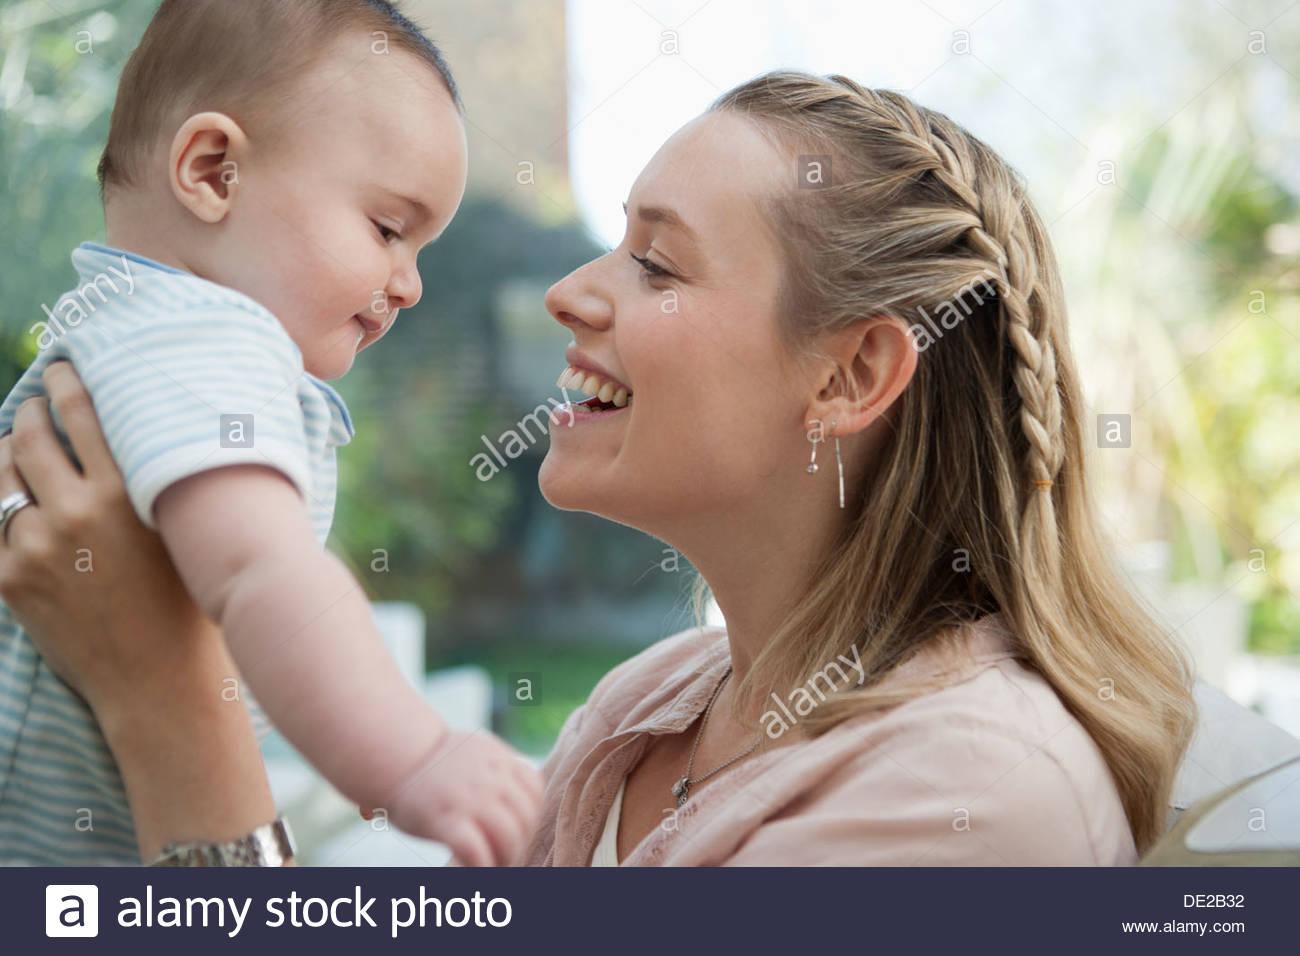 Sorridente sollevamento madre figlio bambino Immagini Stock